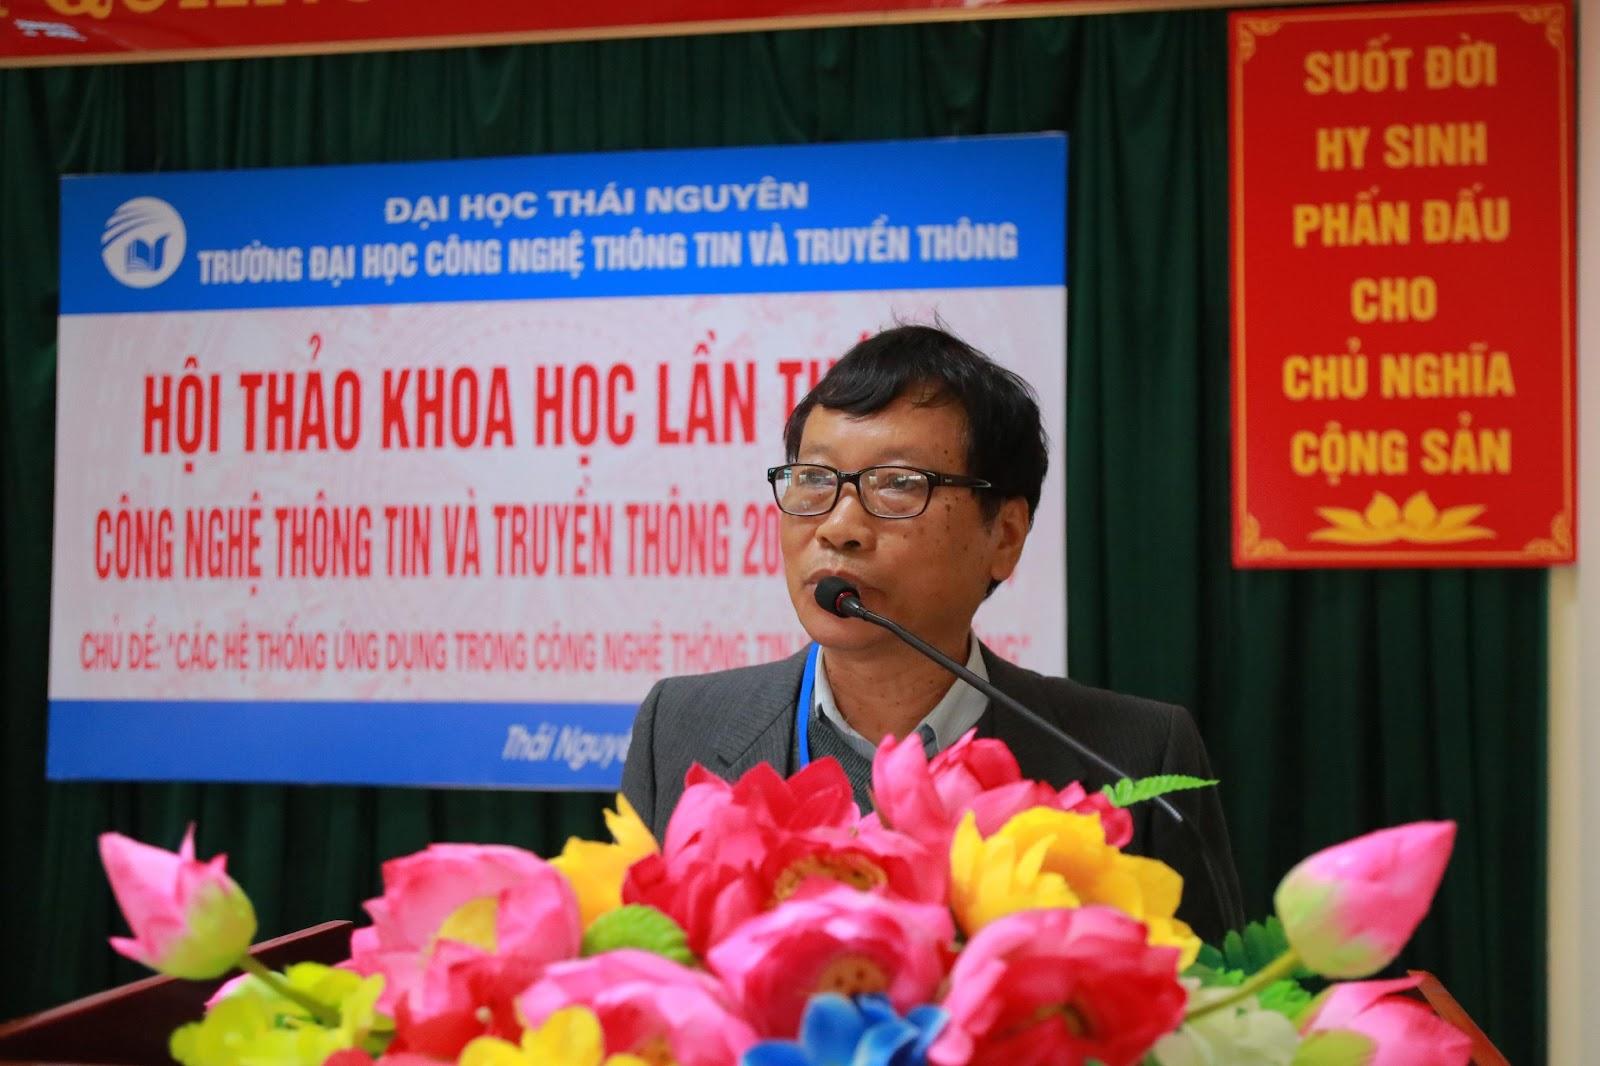 GS.TS Đặng Quang Á chủ trì phiê toàn thể Hội thảo